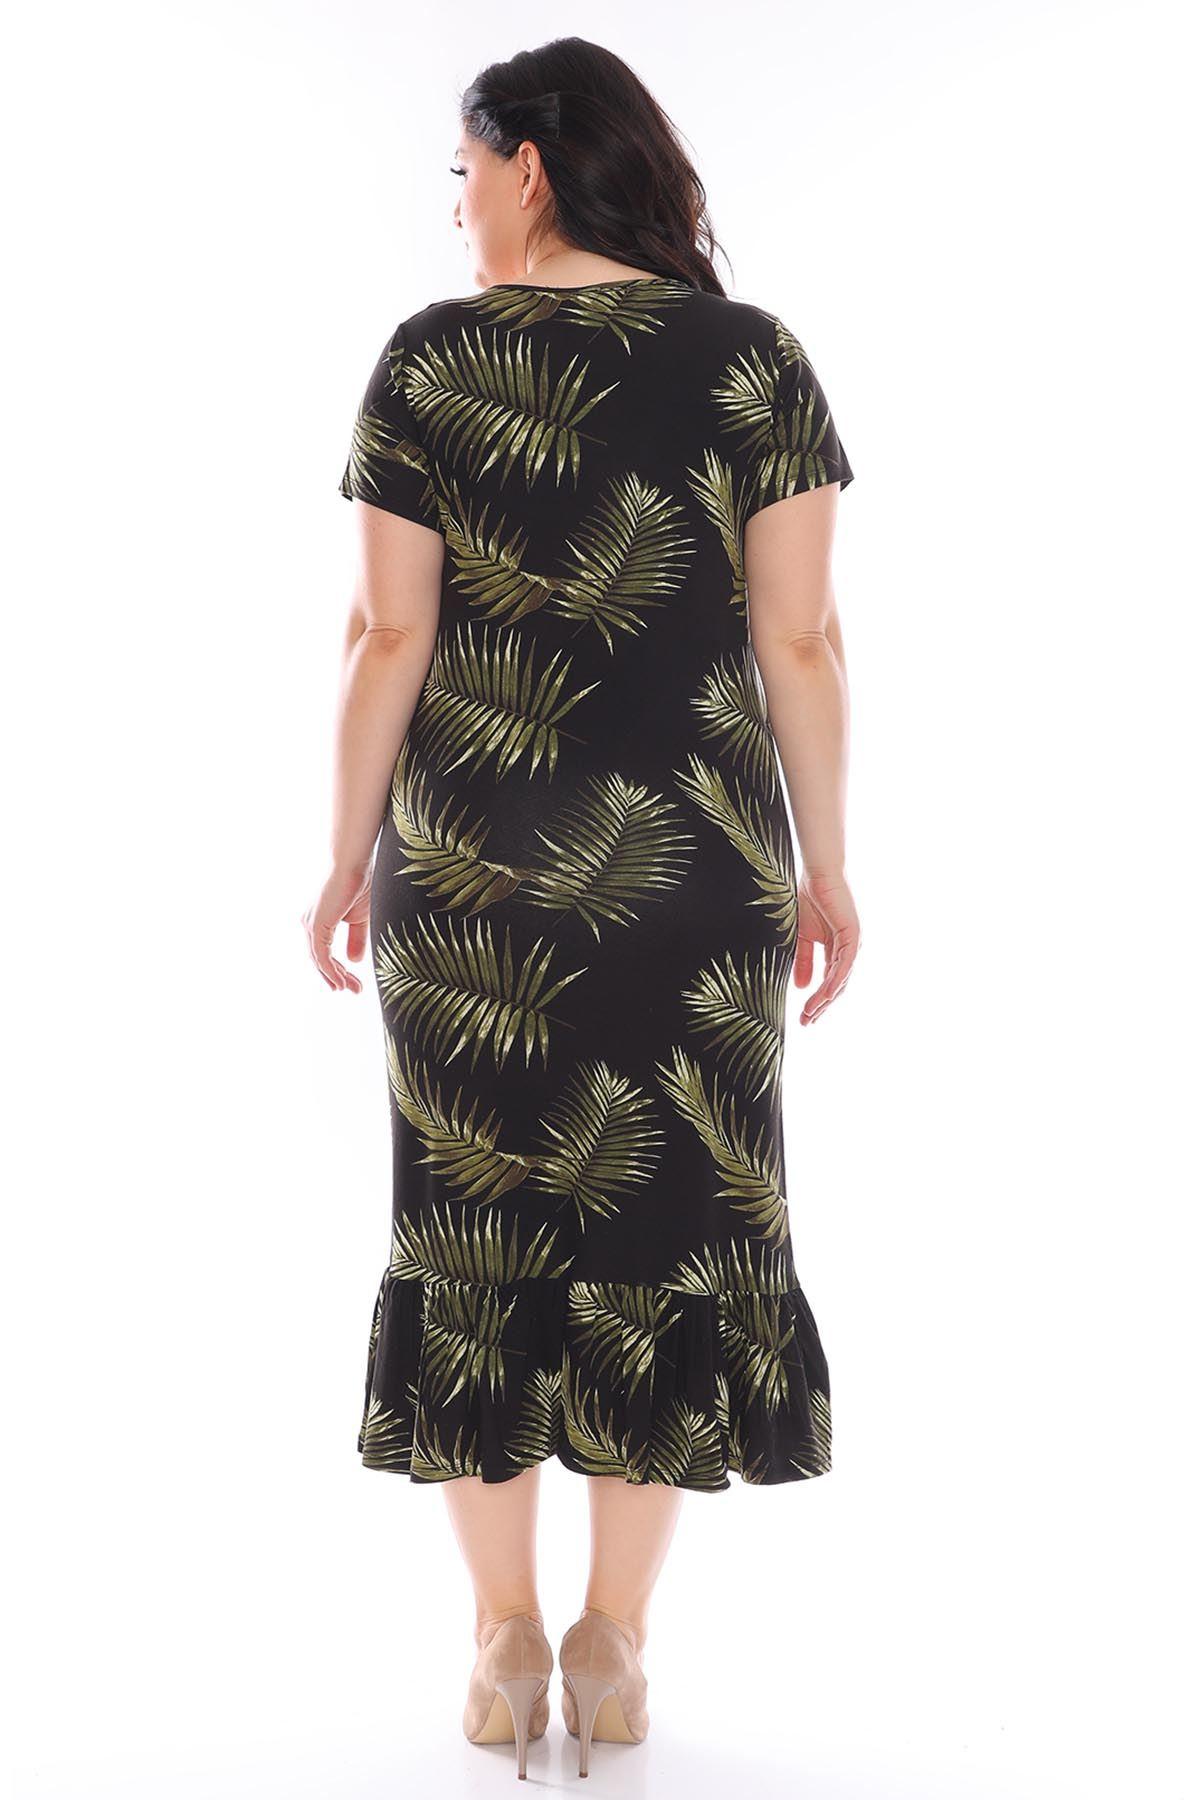 Palmiye Yapraklı Büyük Beden Elbise 1D-0948